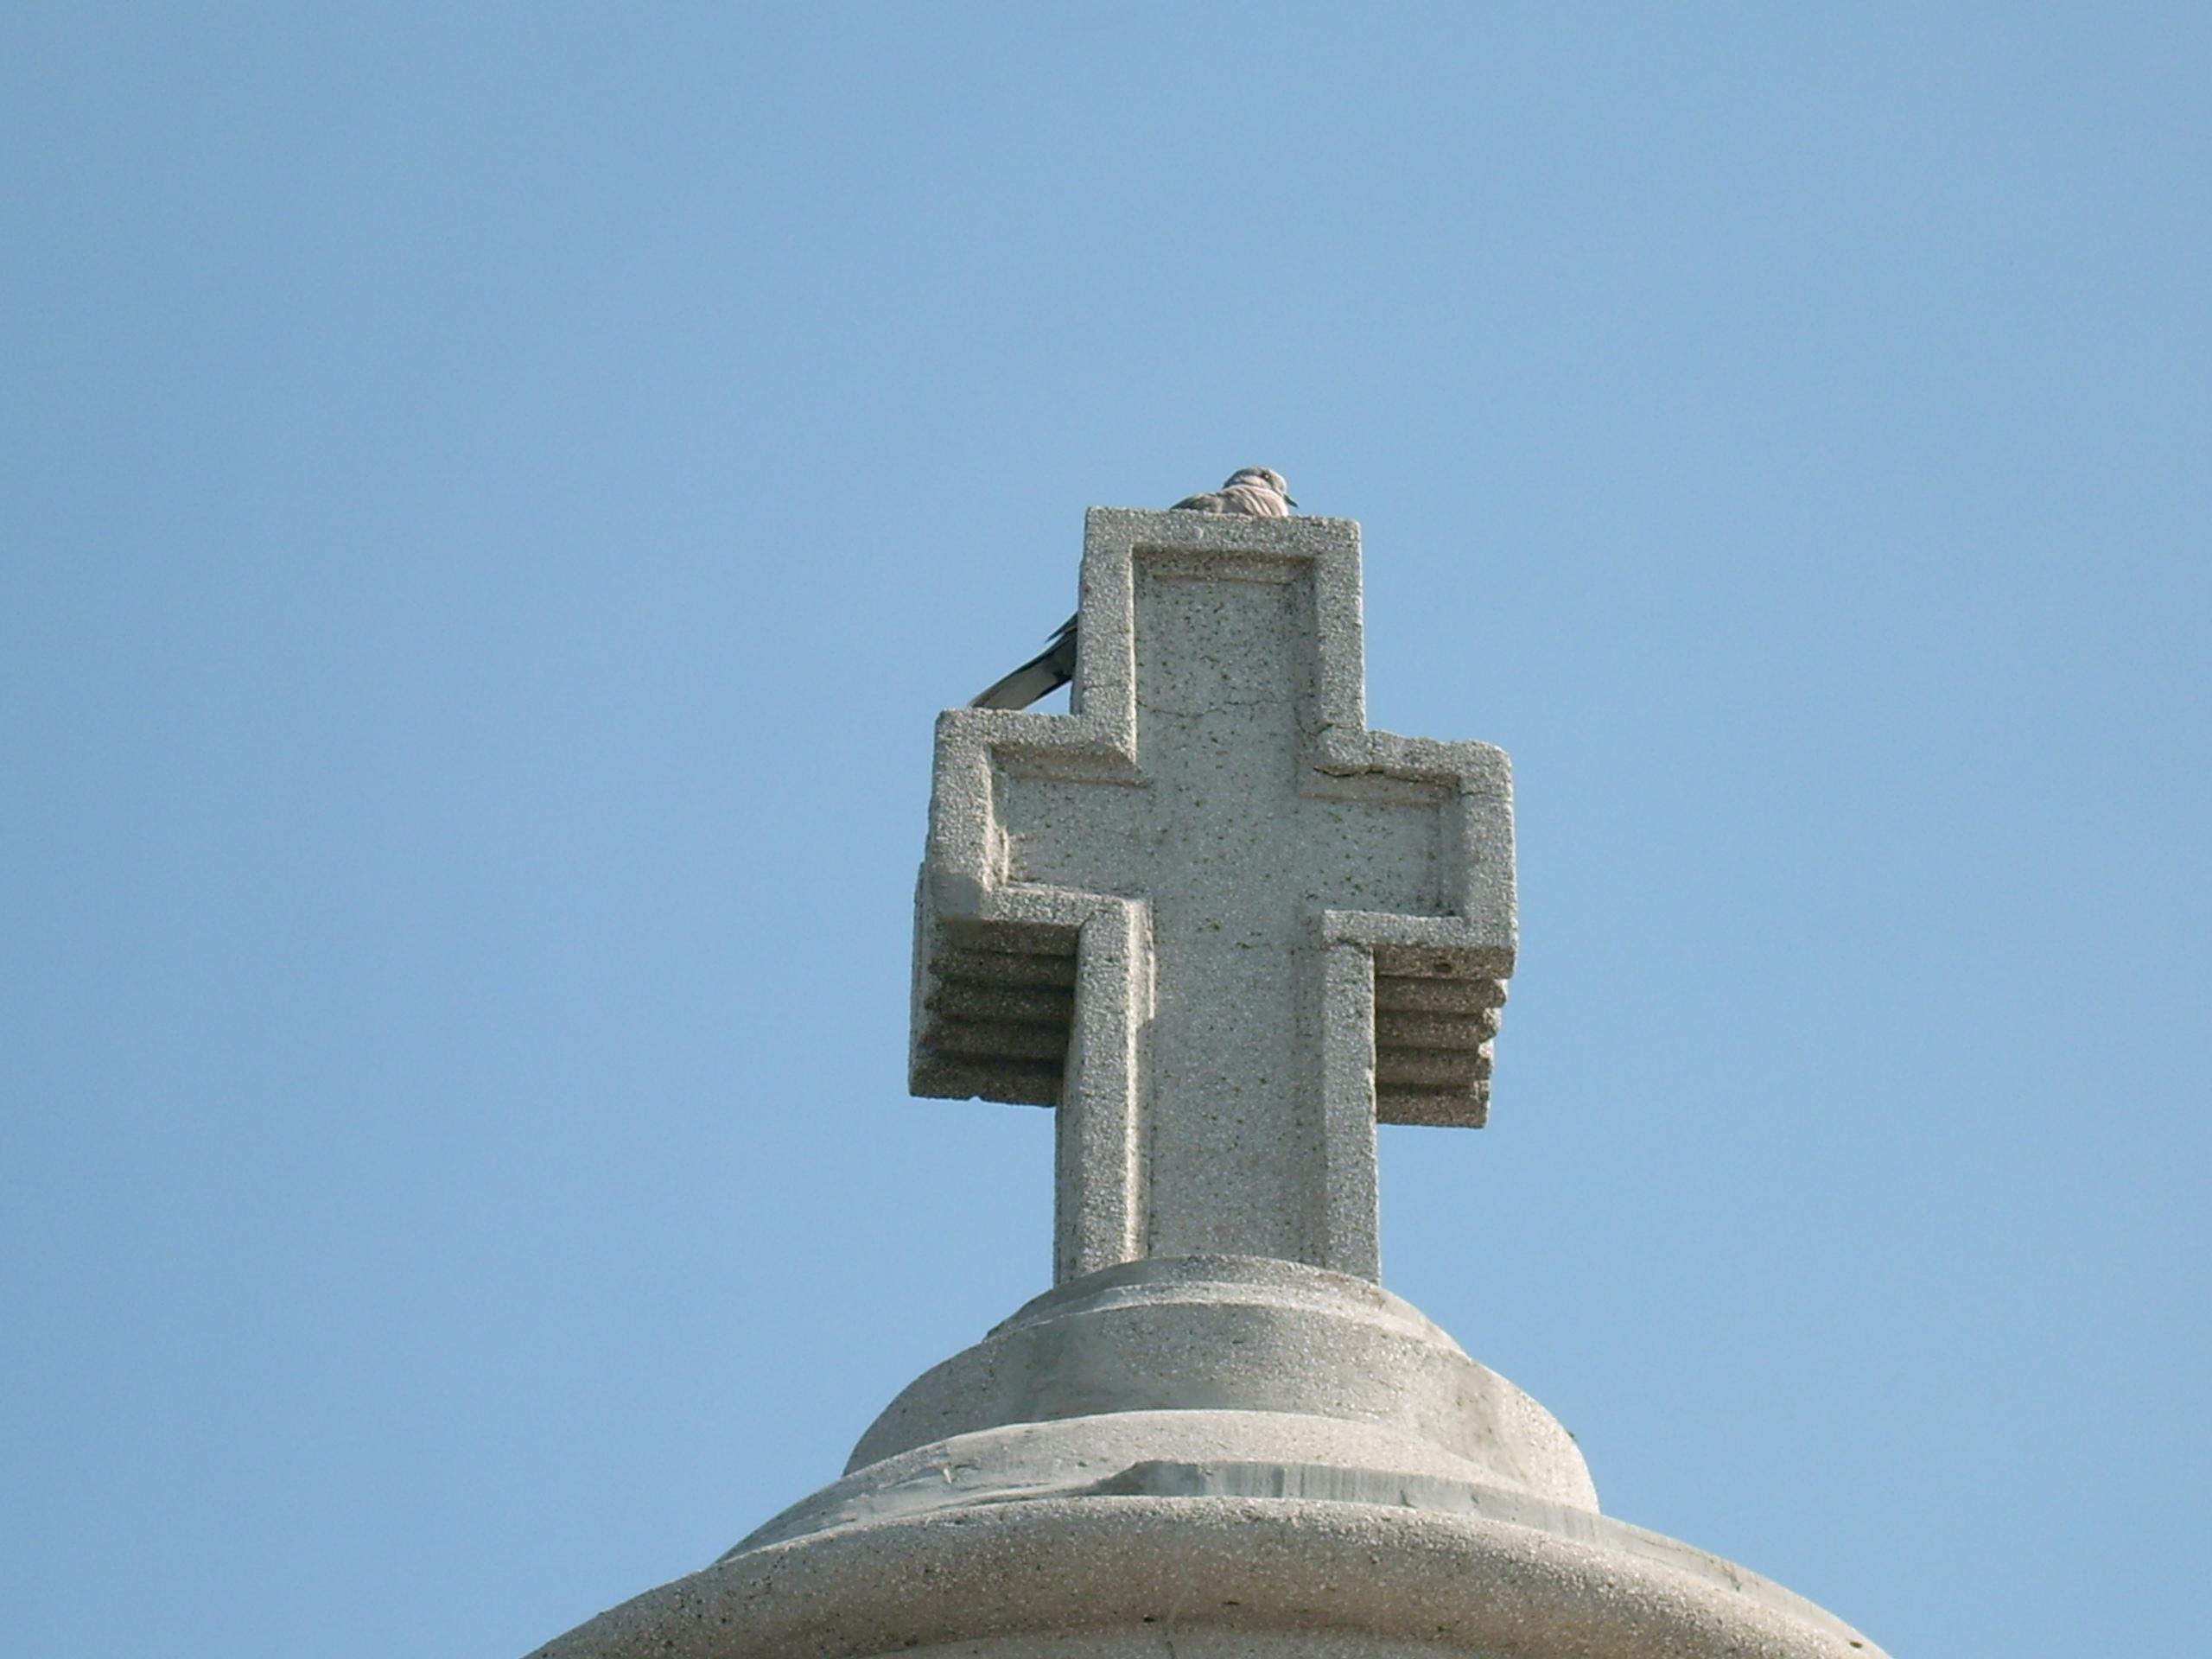 Aplicarea tratamentelor de impermeabilizare - Monument funerar UNICO PROFIT - Poza 12